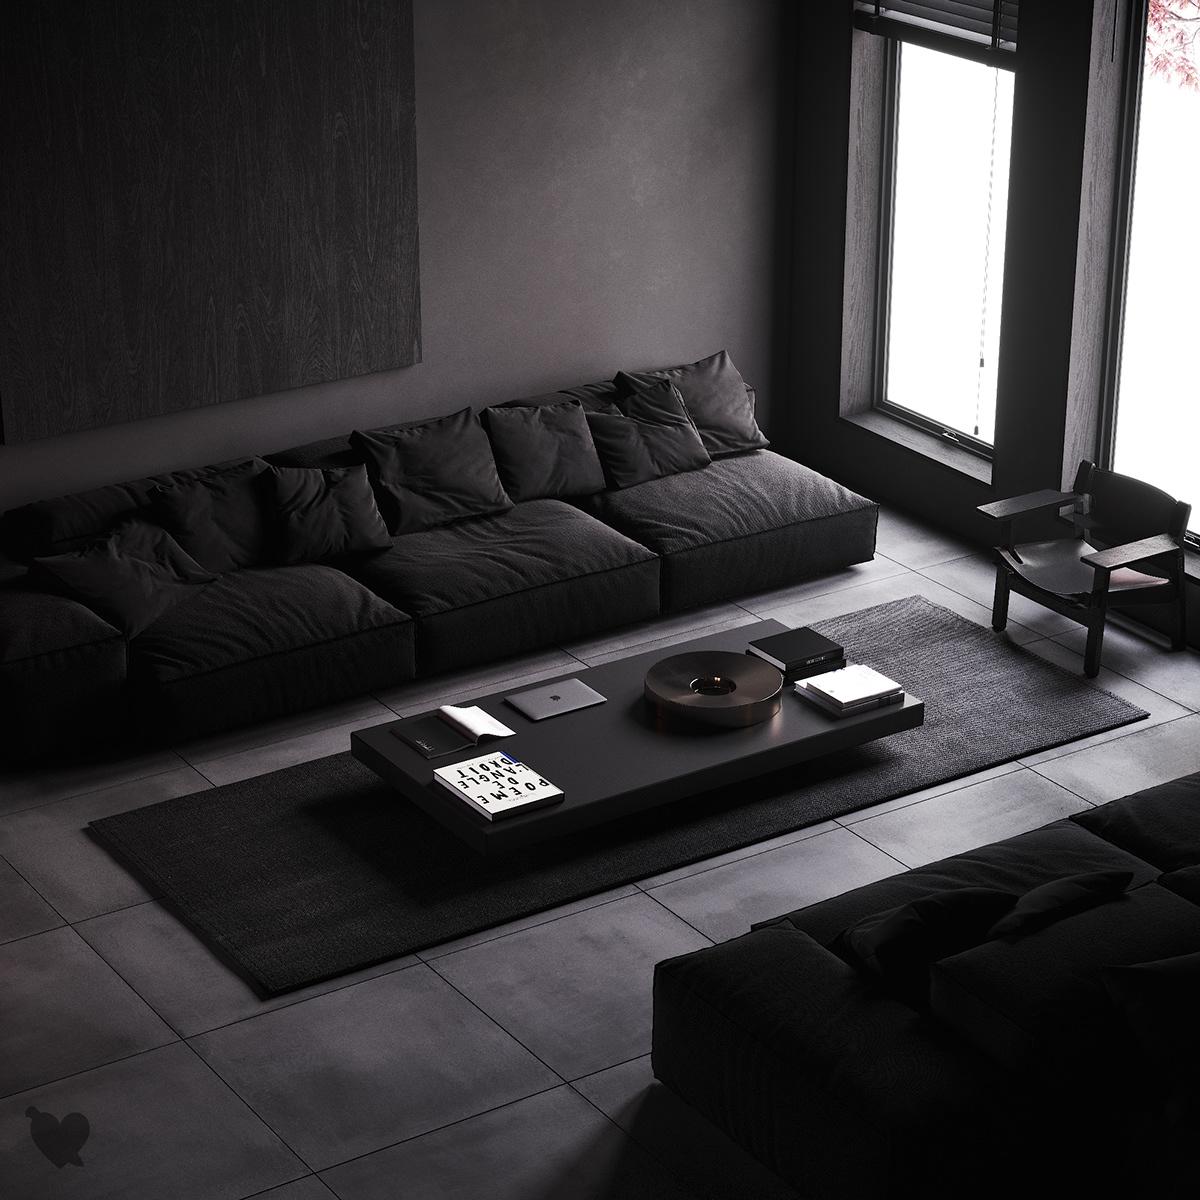 ห้องรับแขกสวยๆ แบบที่ 6 ห้องรับแขกเรียบและเท่แบบดำล้วน (All Black)